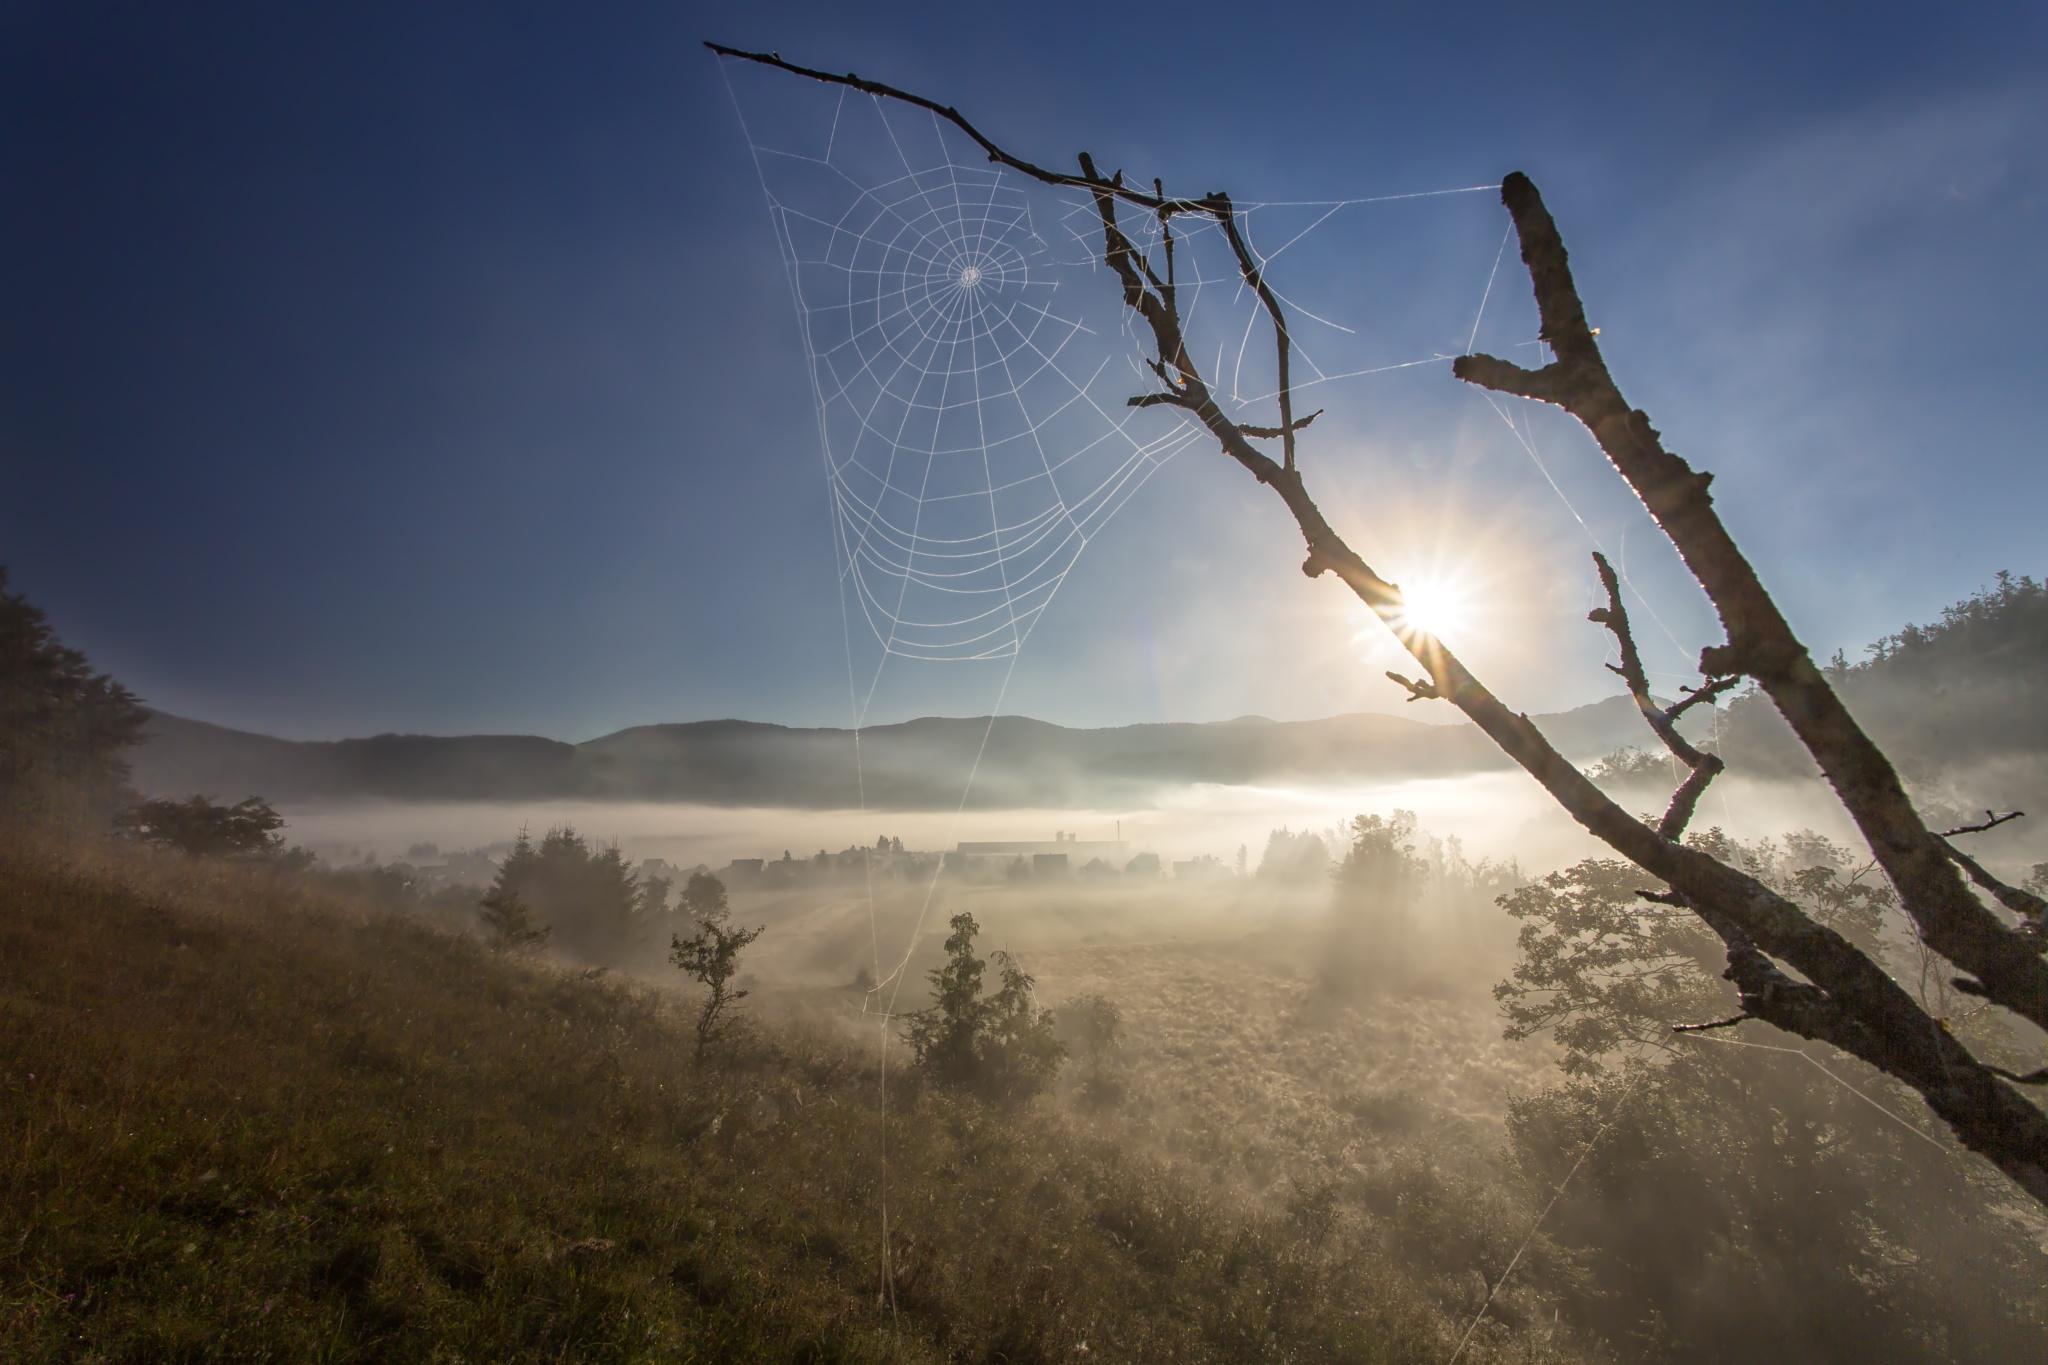 morning haze by stanislav.horacek2